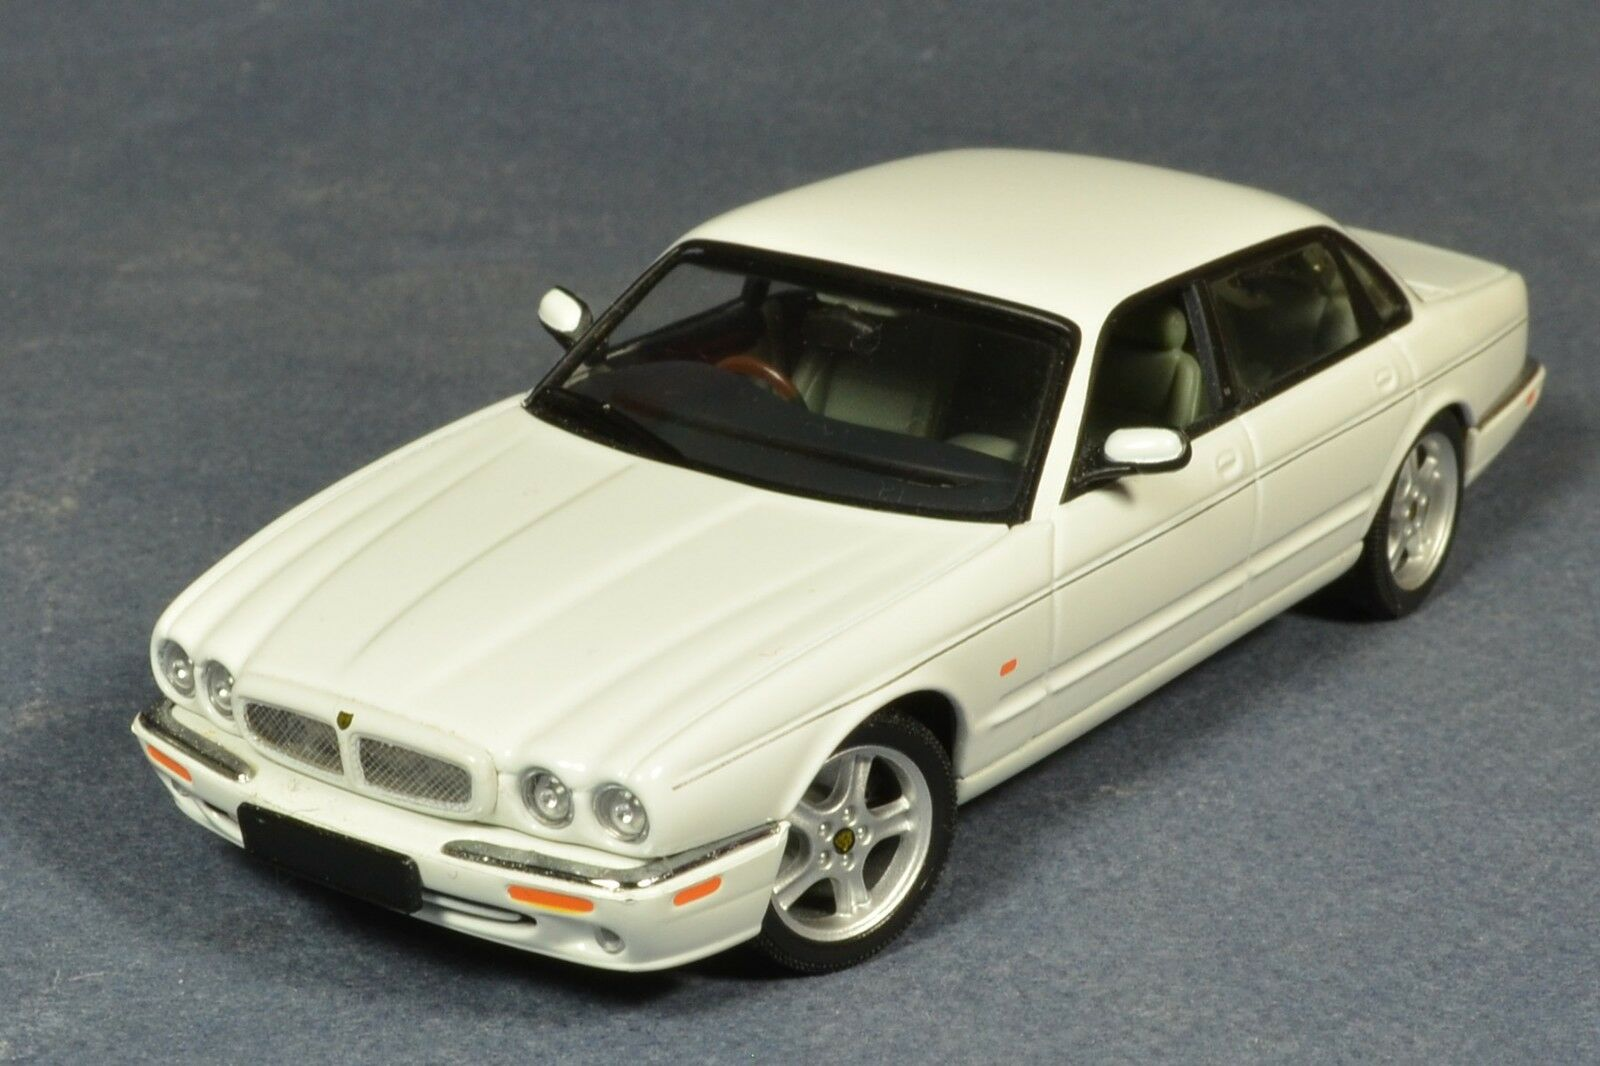 1 43 Jaguar XJR Autoart 53602 Muy Raro Ruedas Giratorias Diecast 1 43 XJ-R Auto